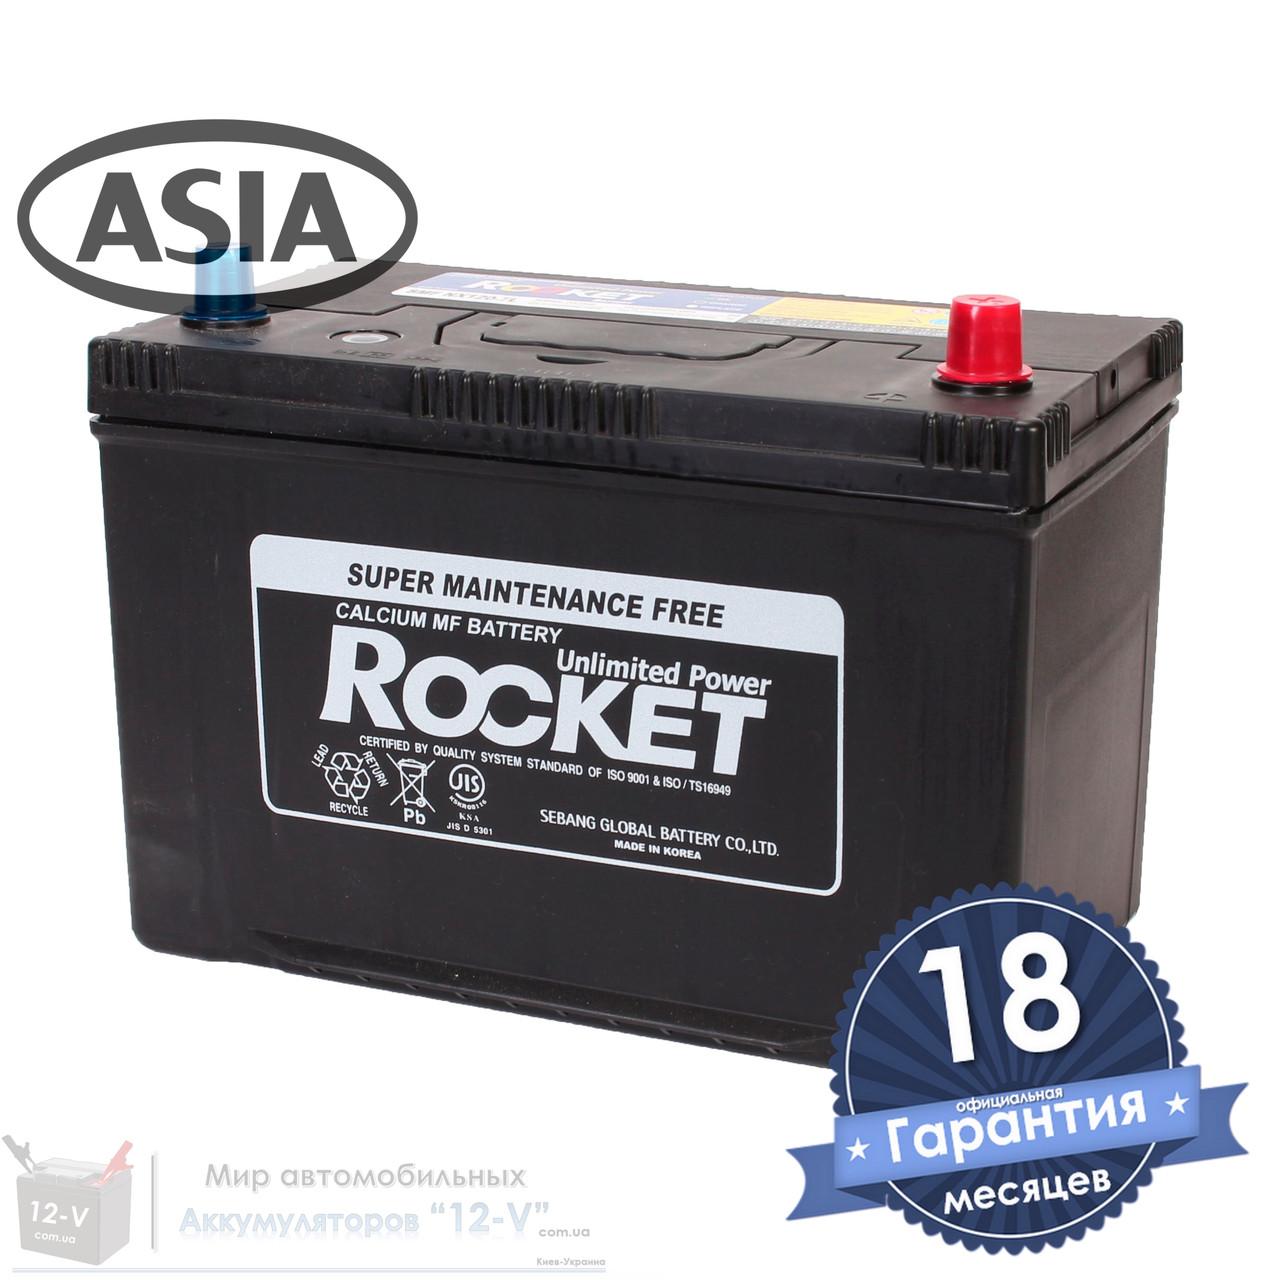 Аккумулятор автомобильный ROCKET 6CT 90Ah ASIA, пусковой ток 860А [–|+] (NX120-7L)